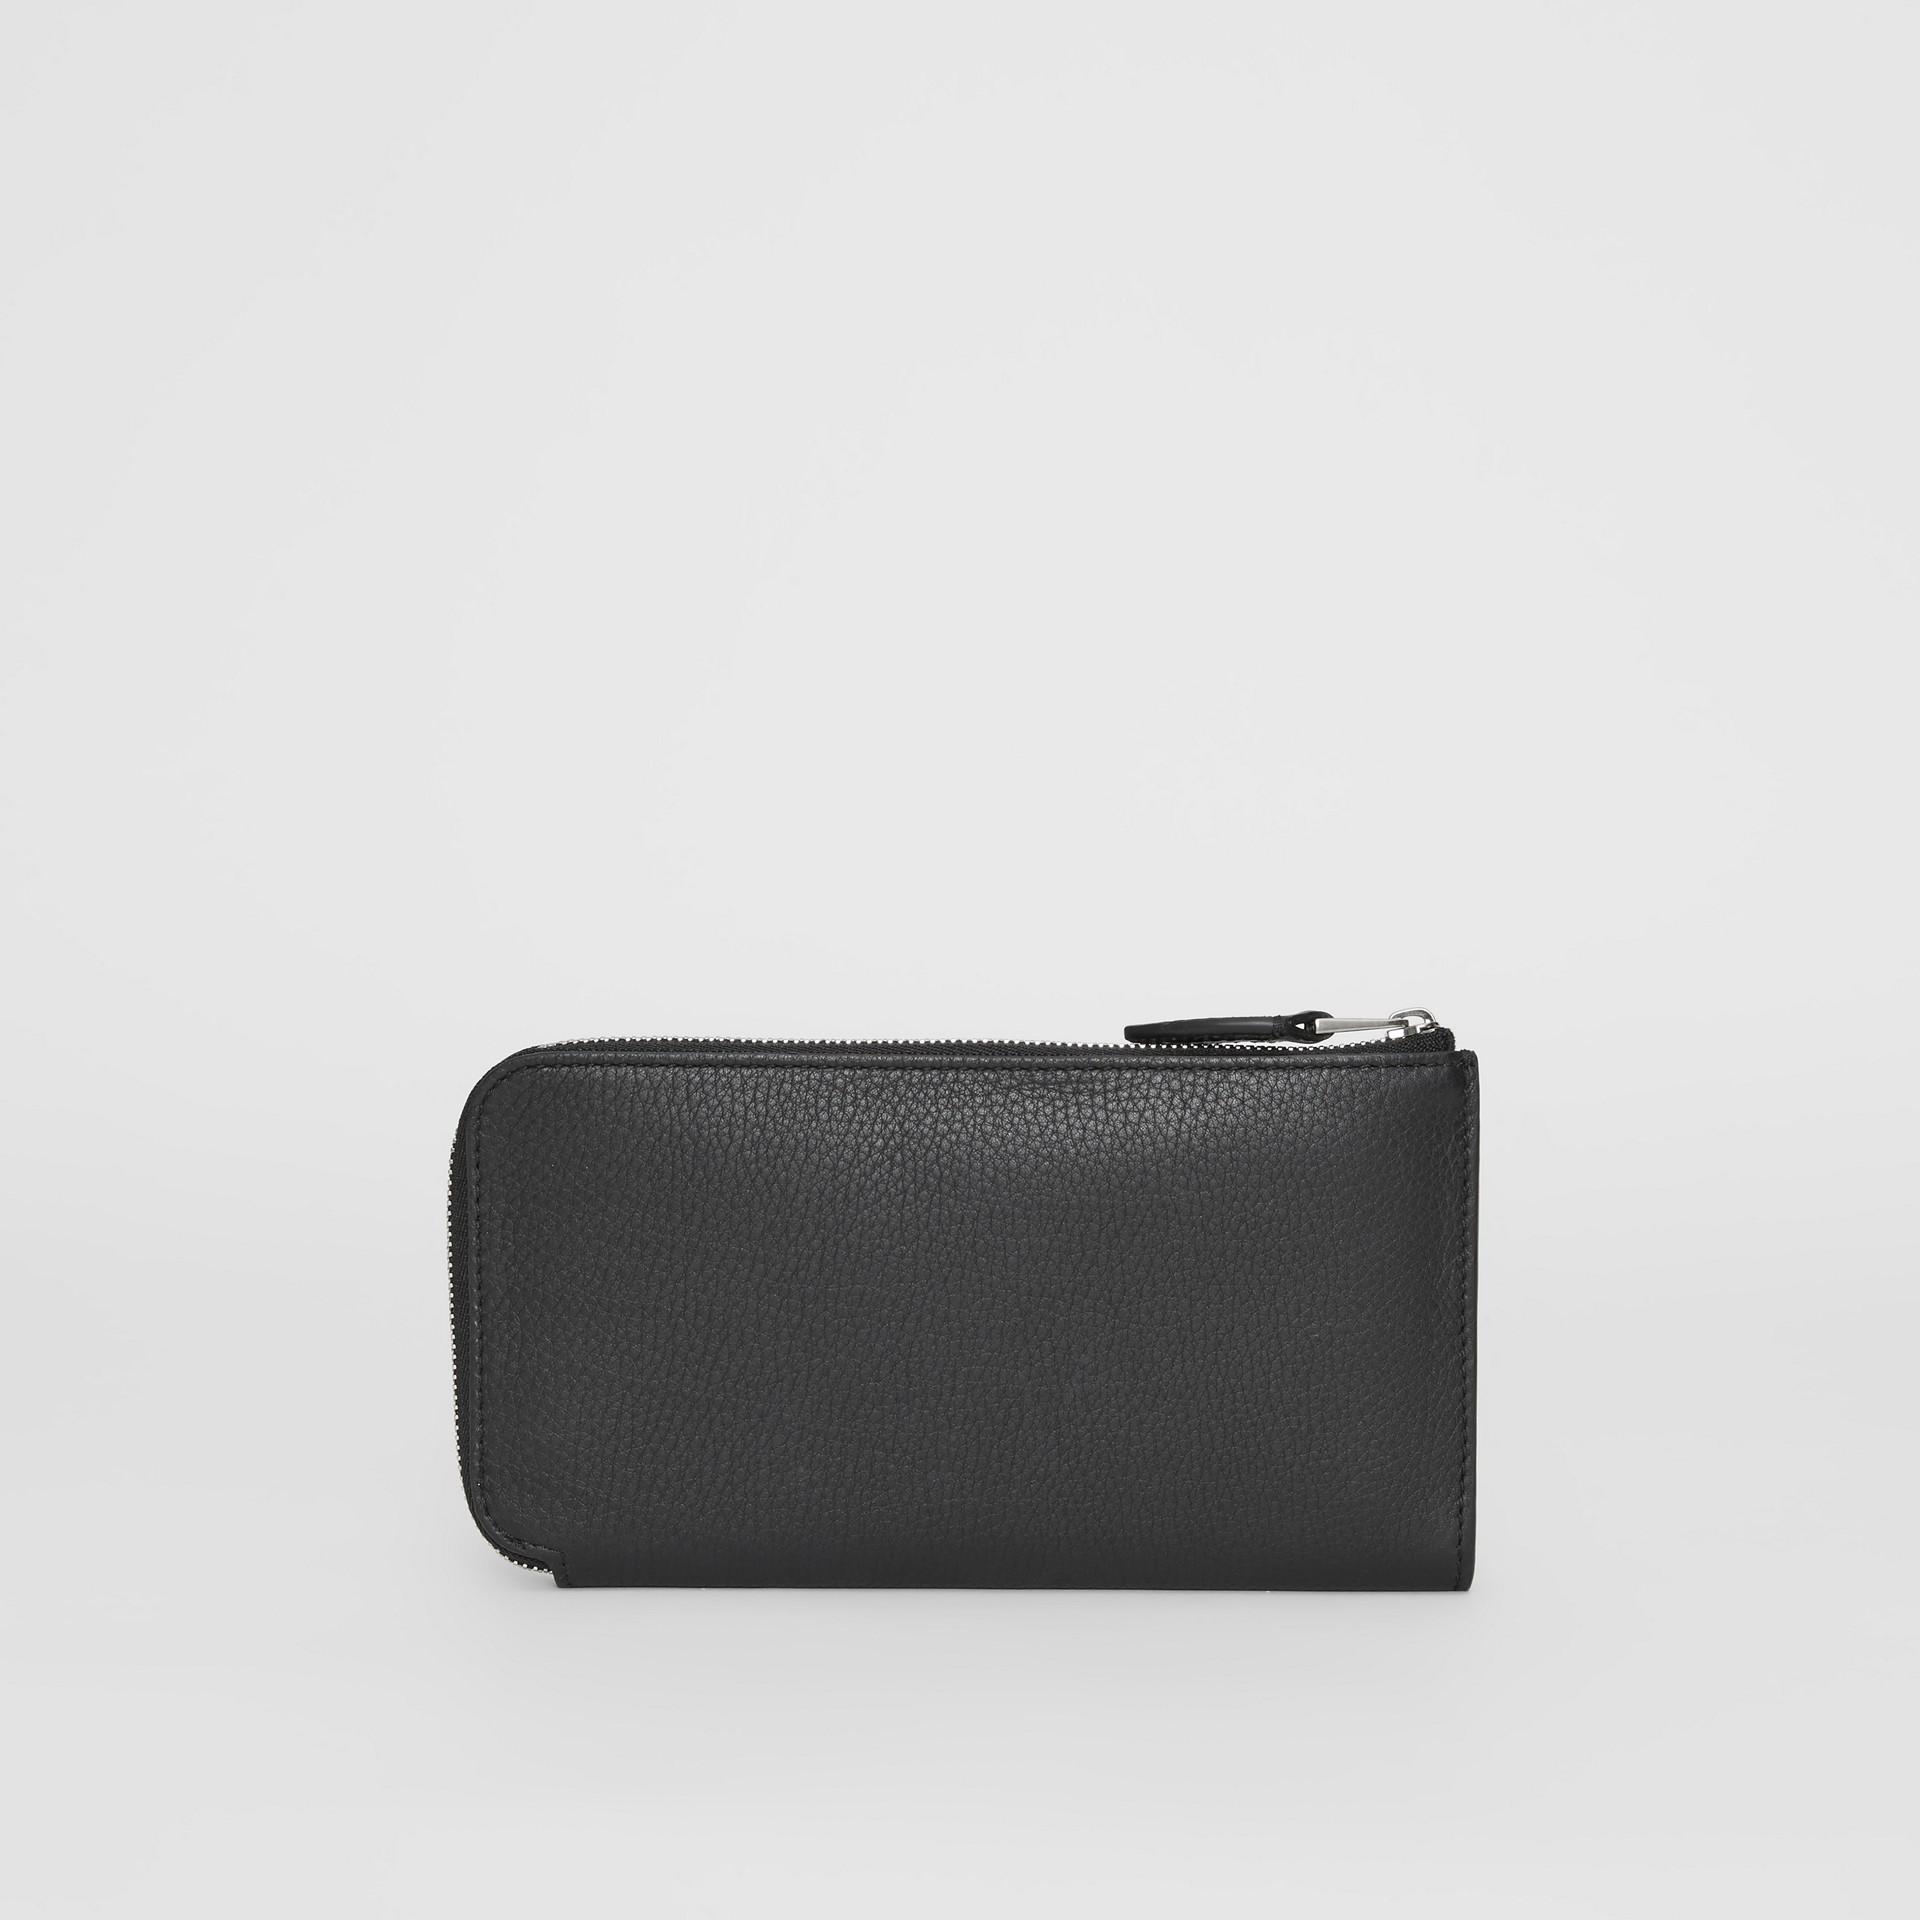 Portefeuille zippé avec porte-monnaie en cuir bicolore (Noir) - Femme | Burberry Canada - photo de la galerie 4